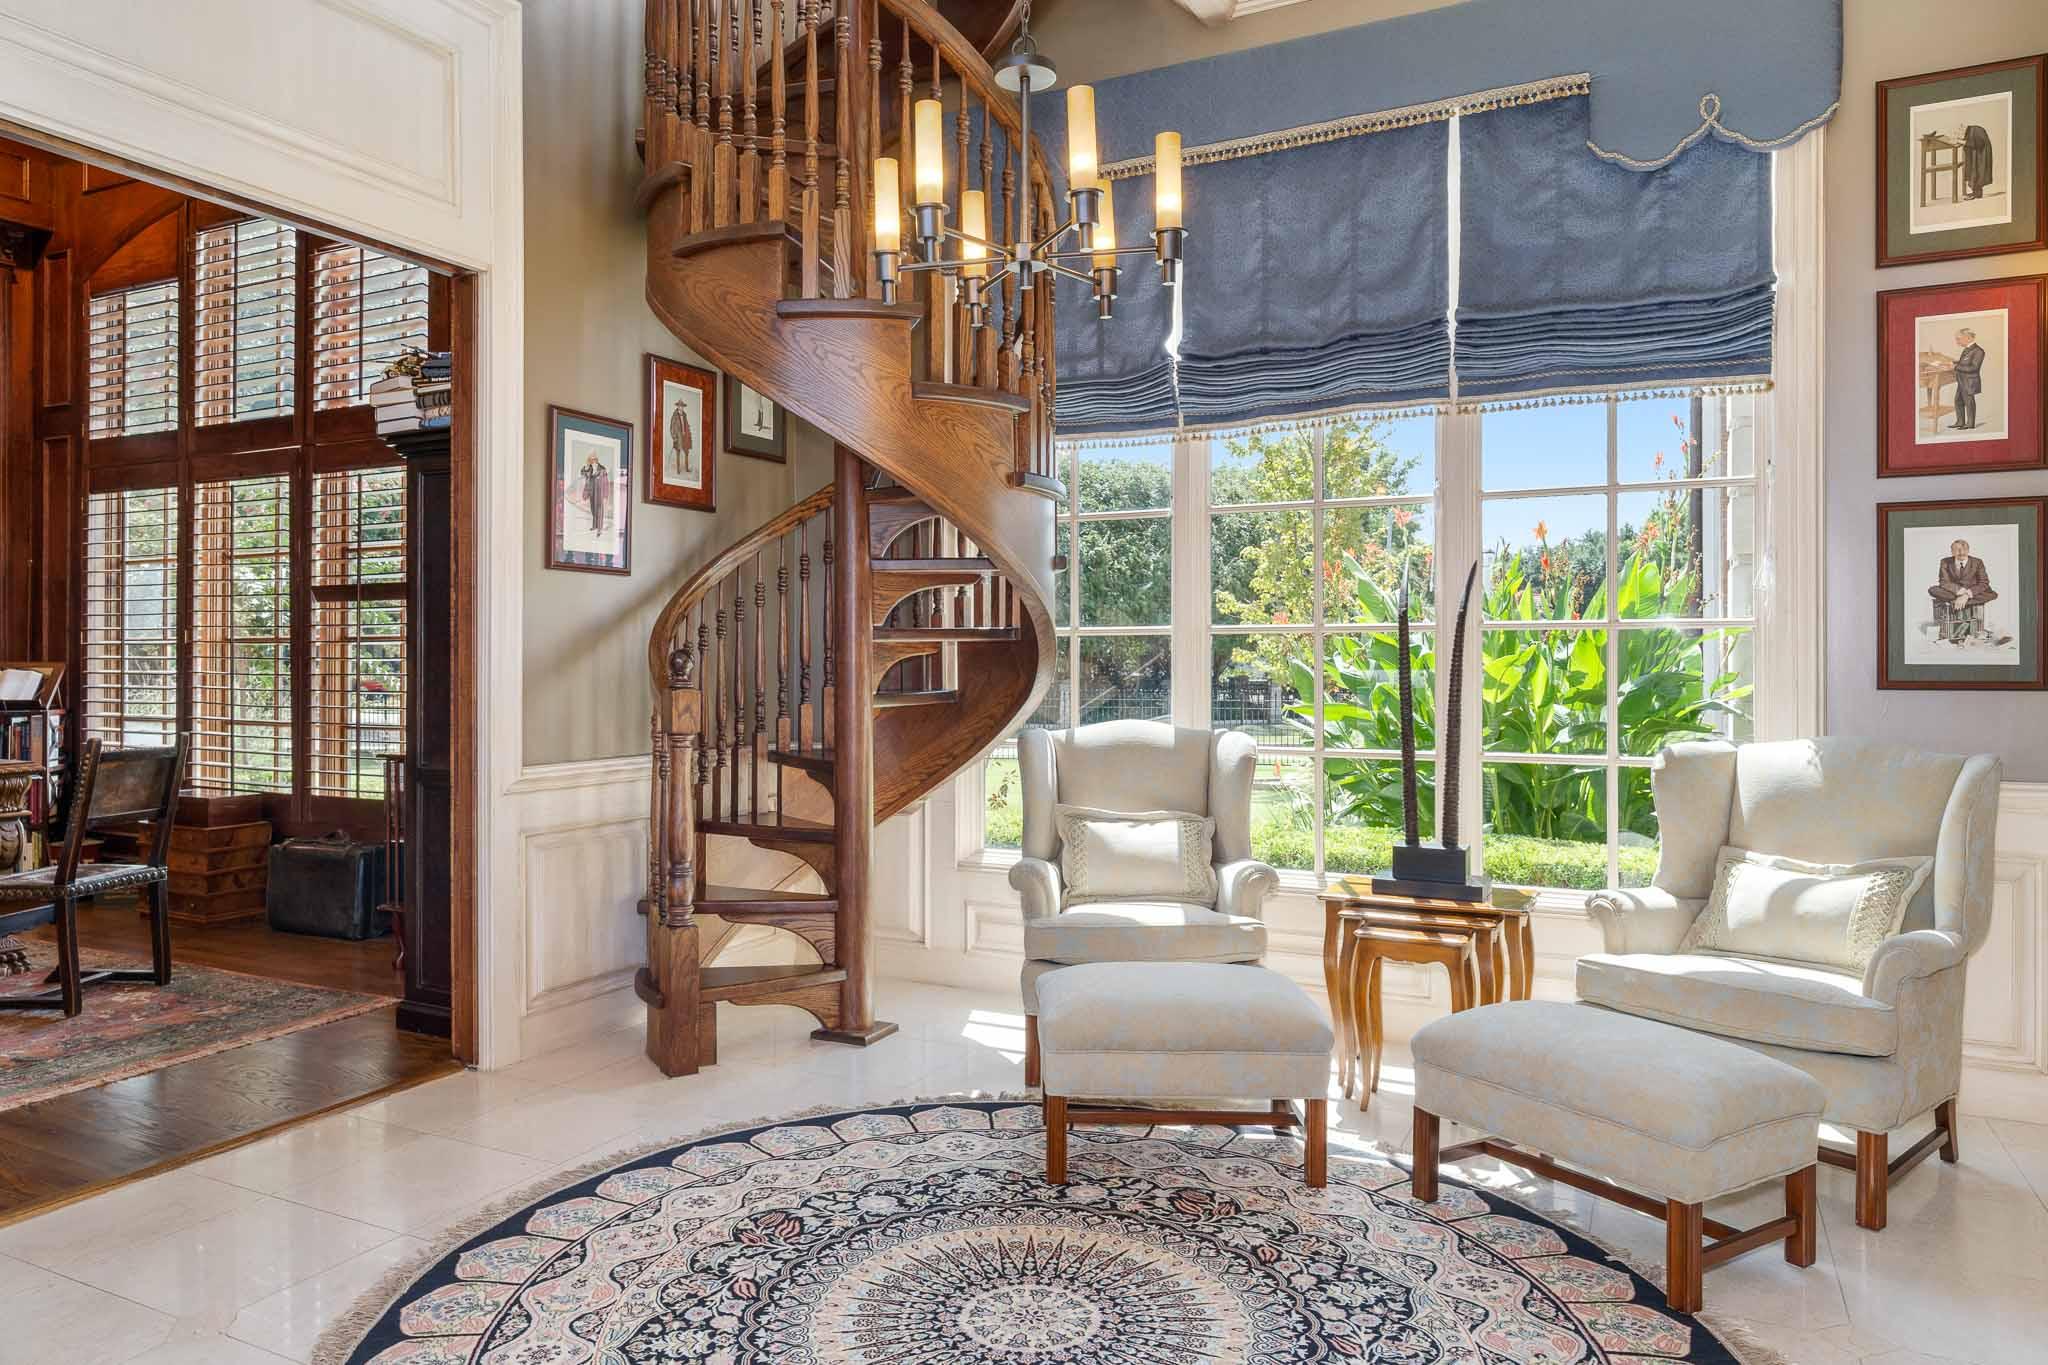 Unique staircase and formal living room in Dallas estate near Preston Hollow